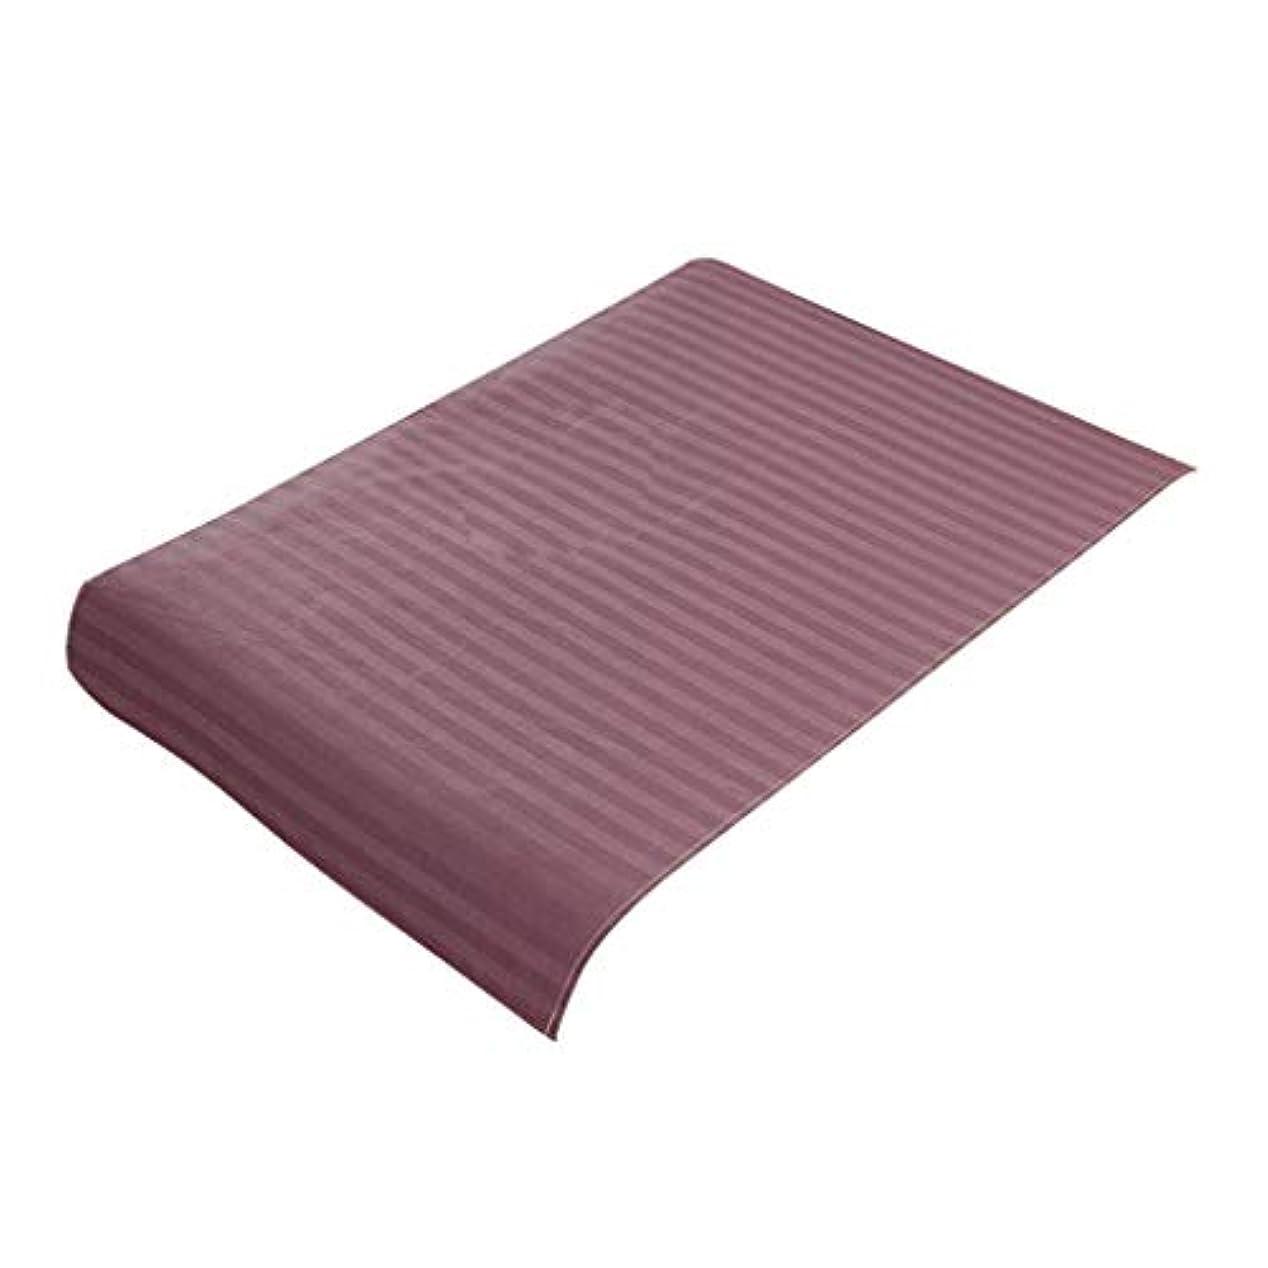 しつけハイランド彼らのものスパ マッサージベッドカバー 美容ベッドカバー 綿製 断面 マッサージテーブルスカート 60x90cm - 紫